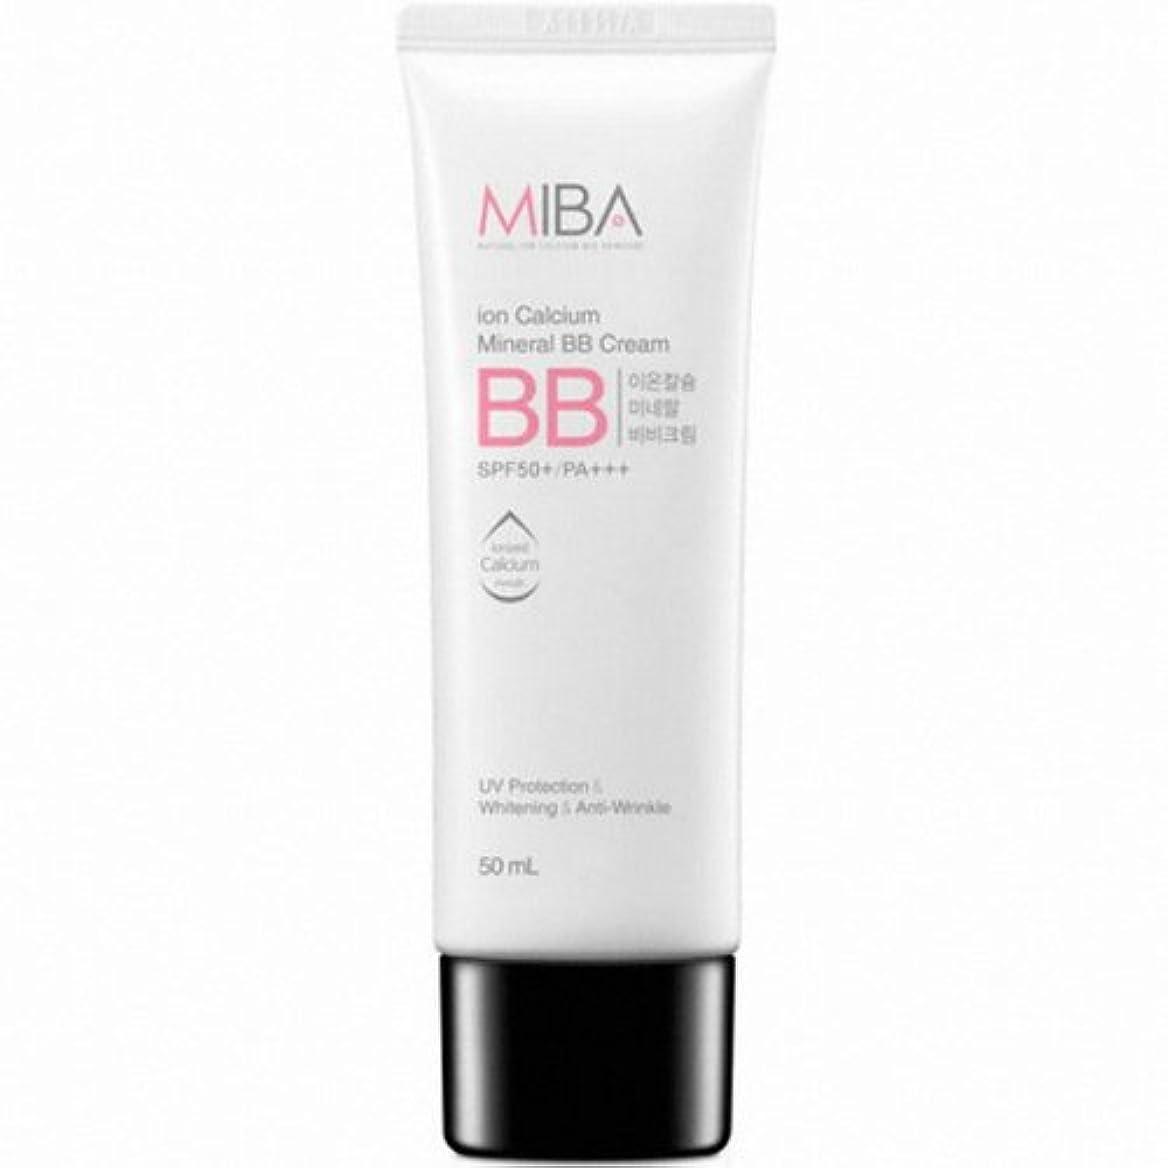 中央抽象家MINERALBIO (ミネラルバイオ) ミバ イオン カルシウム ミネラル ビビクリーム / MIBA Ion Calcium Mineral BB Cream (50ml) [並行輸入品]